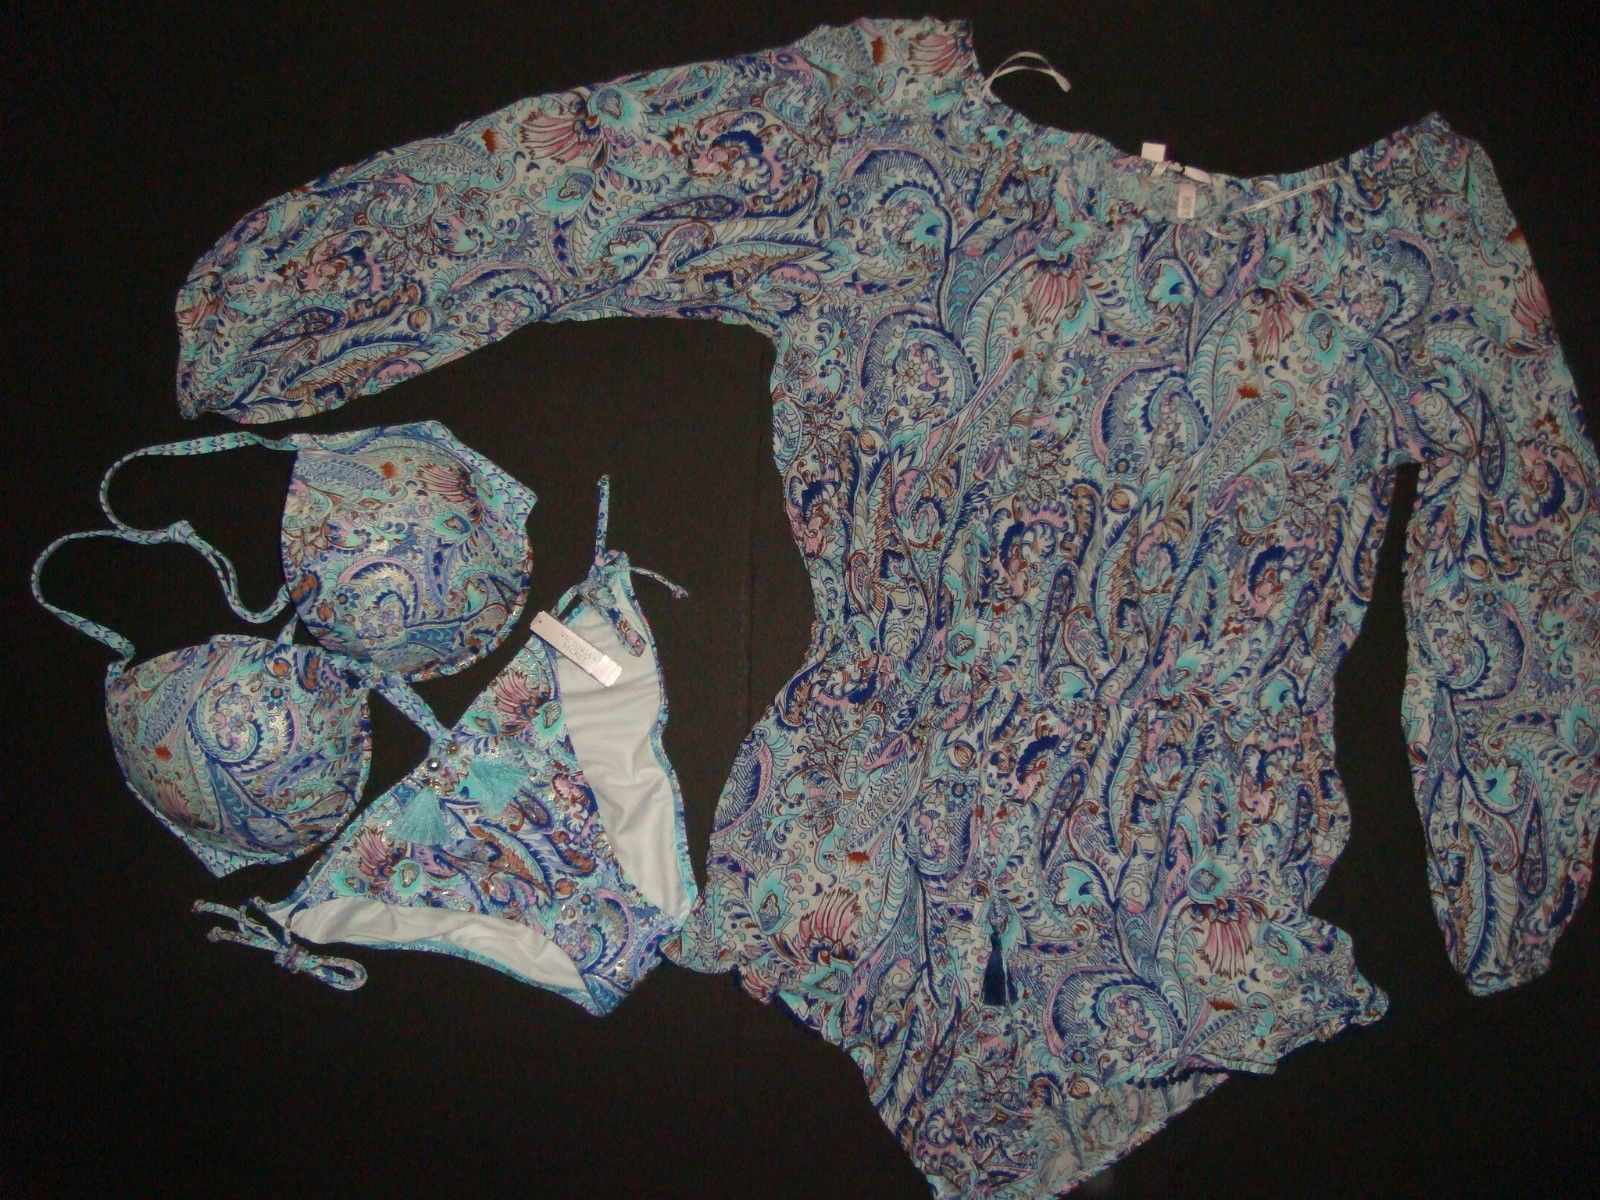 f6cb5be5713f2 Nwt Victoria's Secret Bikini and 50 similar items. S l1600